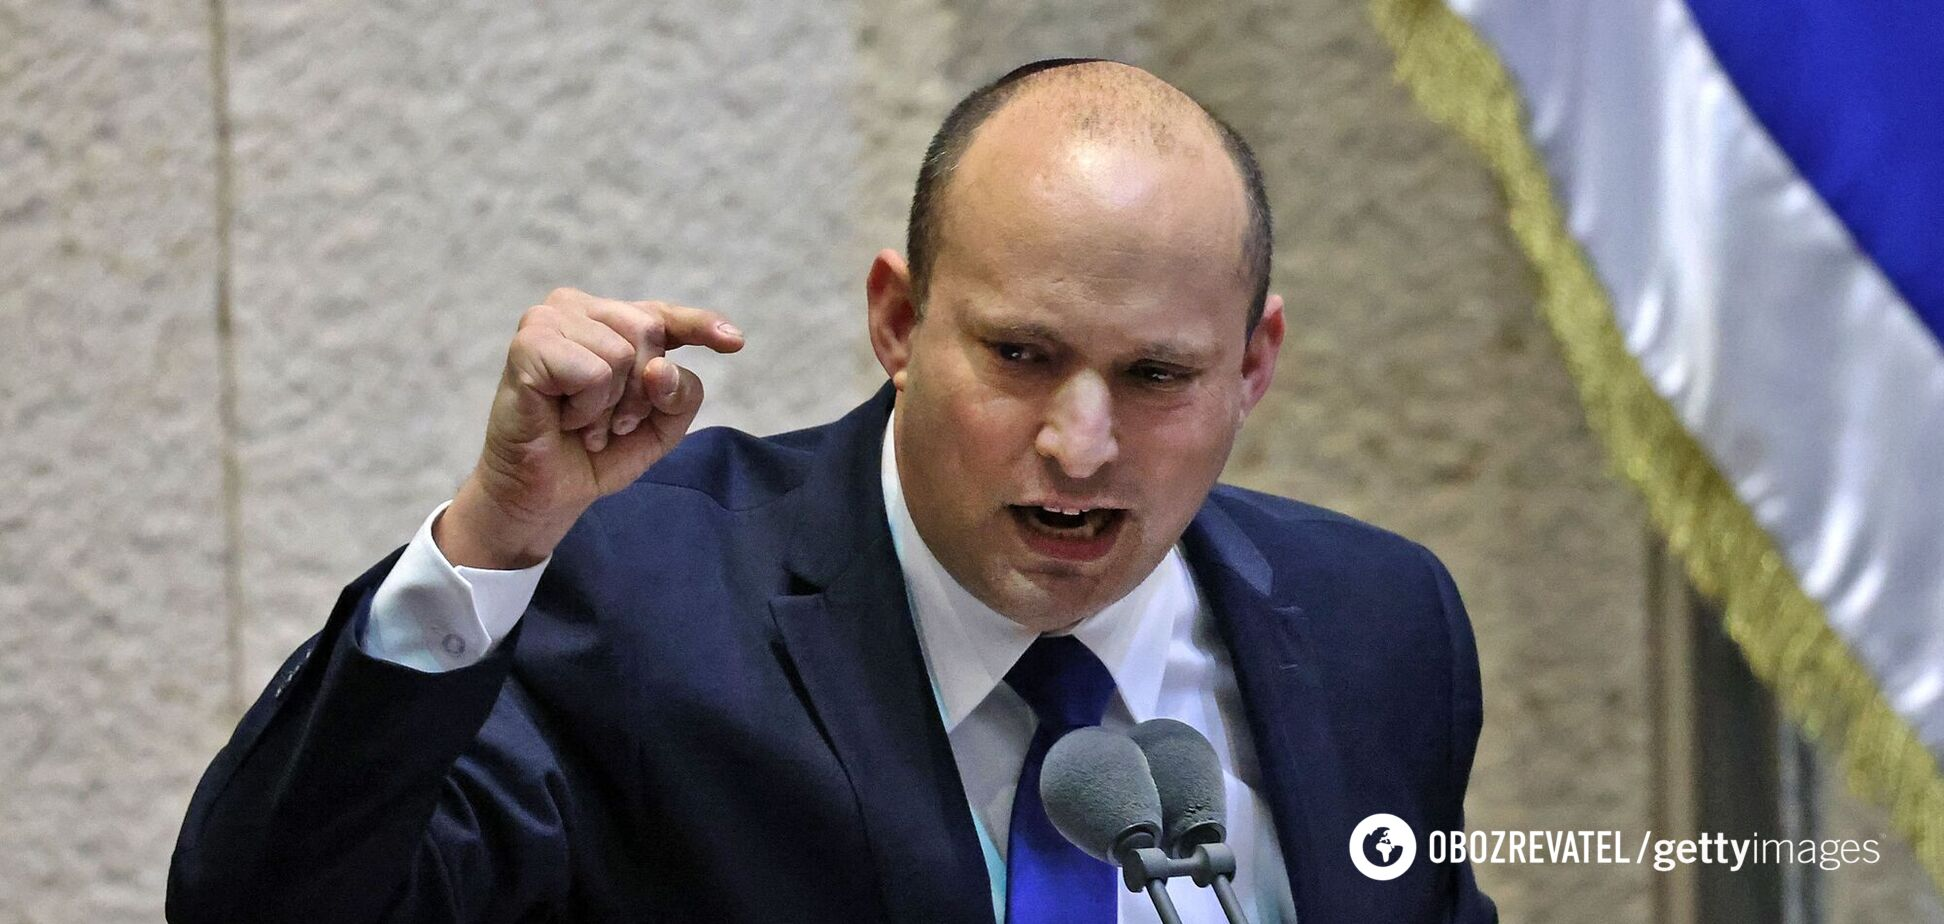 Прем'єр Ізраїлю виступив проти посилення карантину та розкритикував противників вакцинації